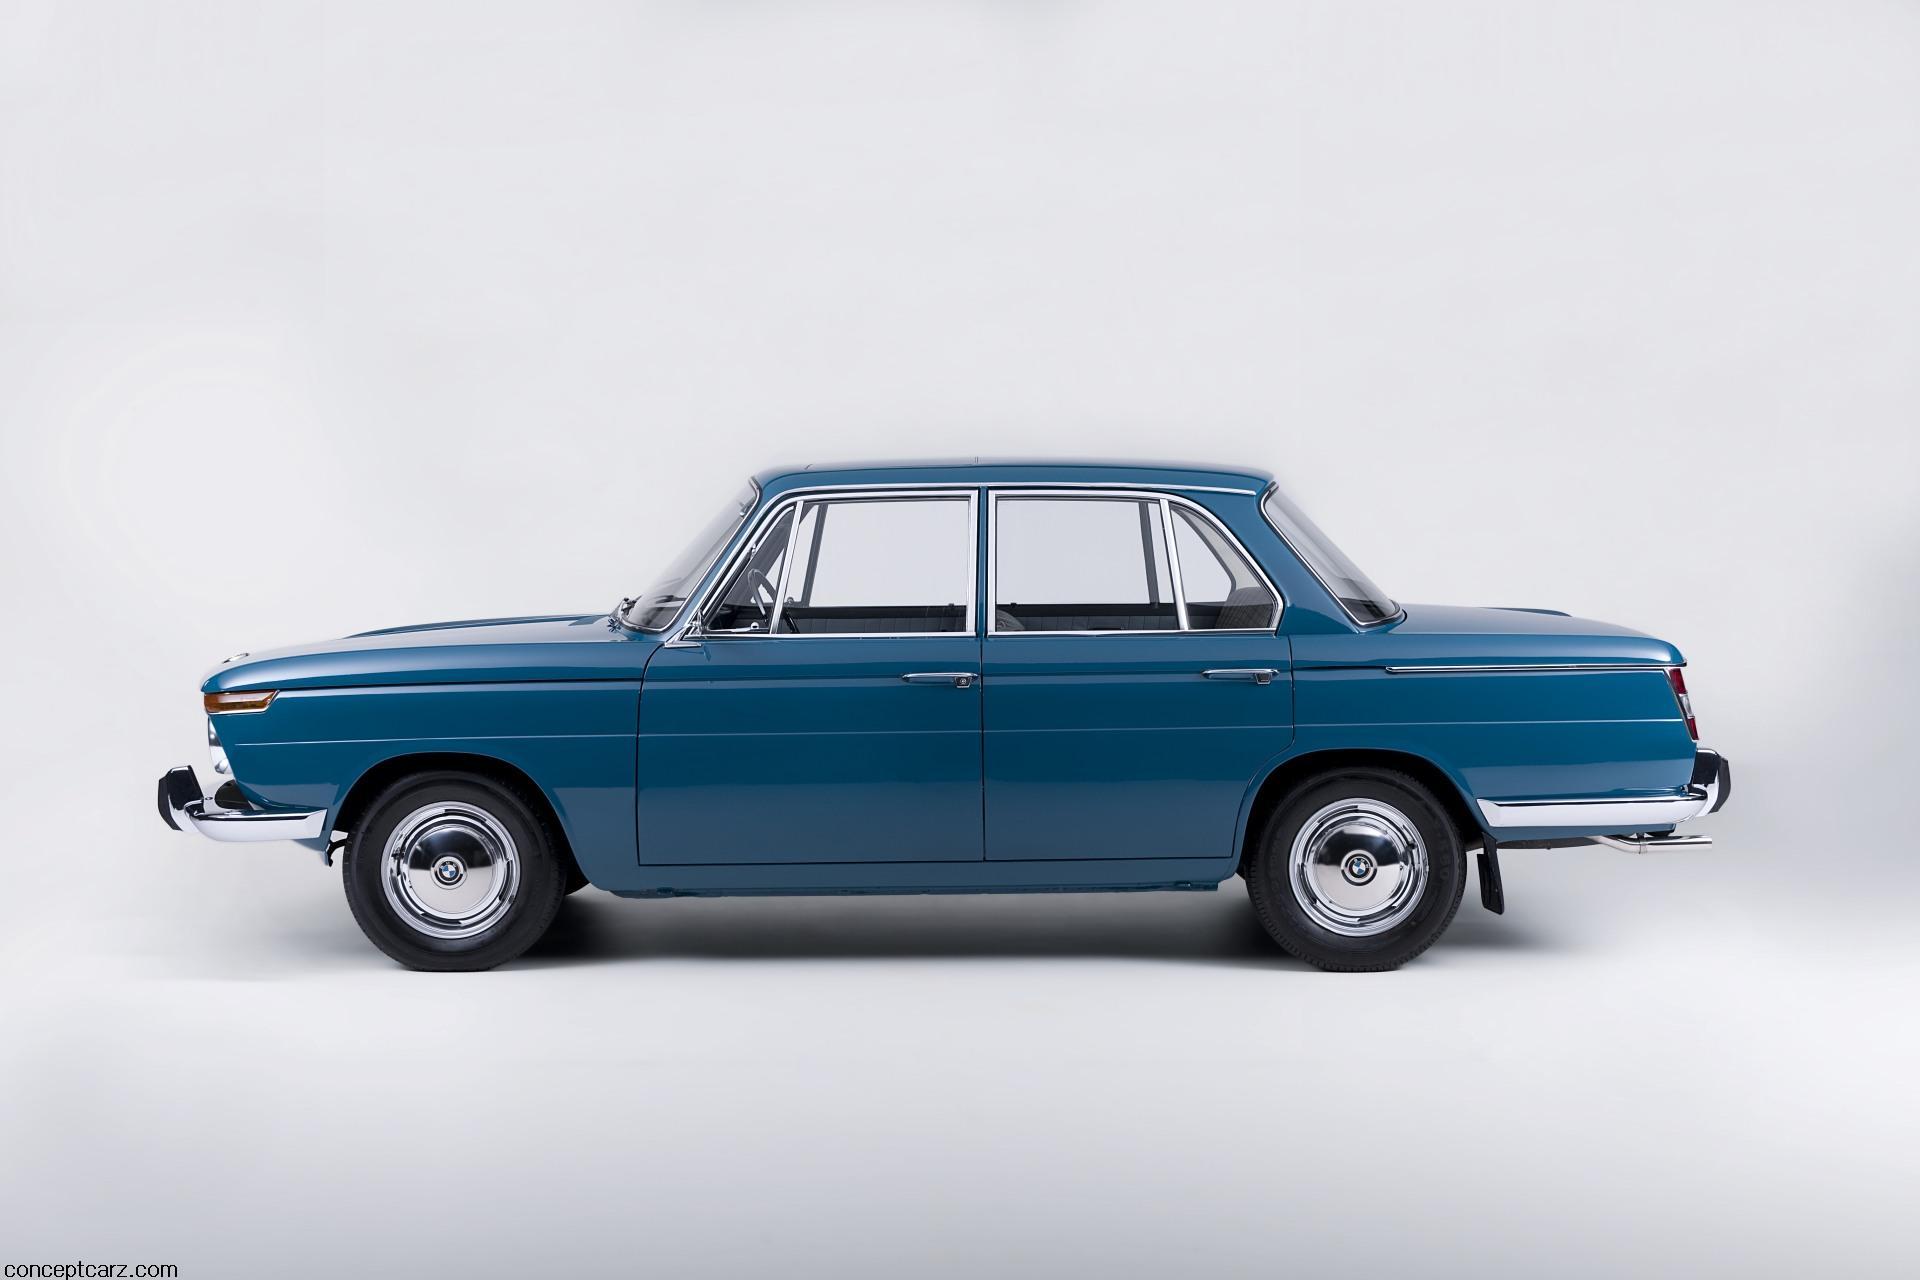 1962 BMW 1500 - conceptcarz.com